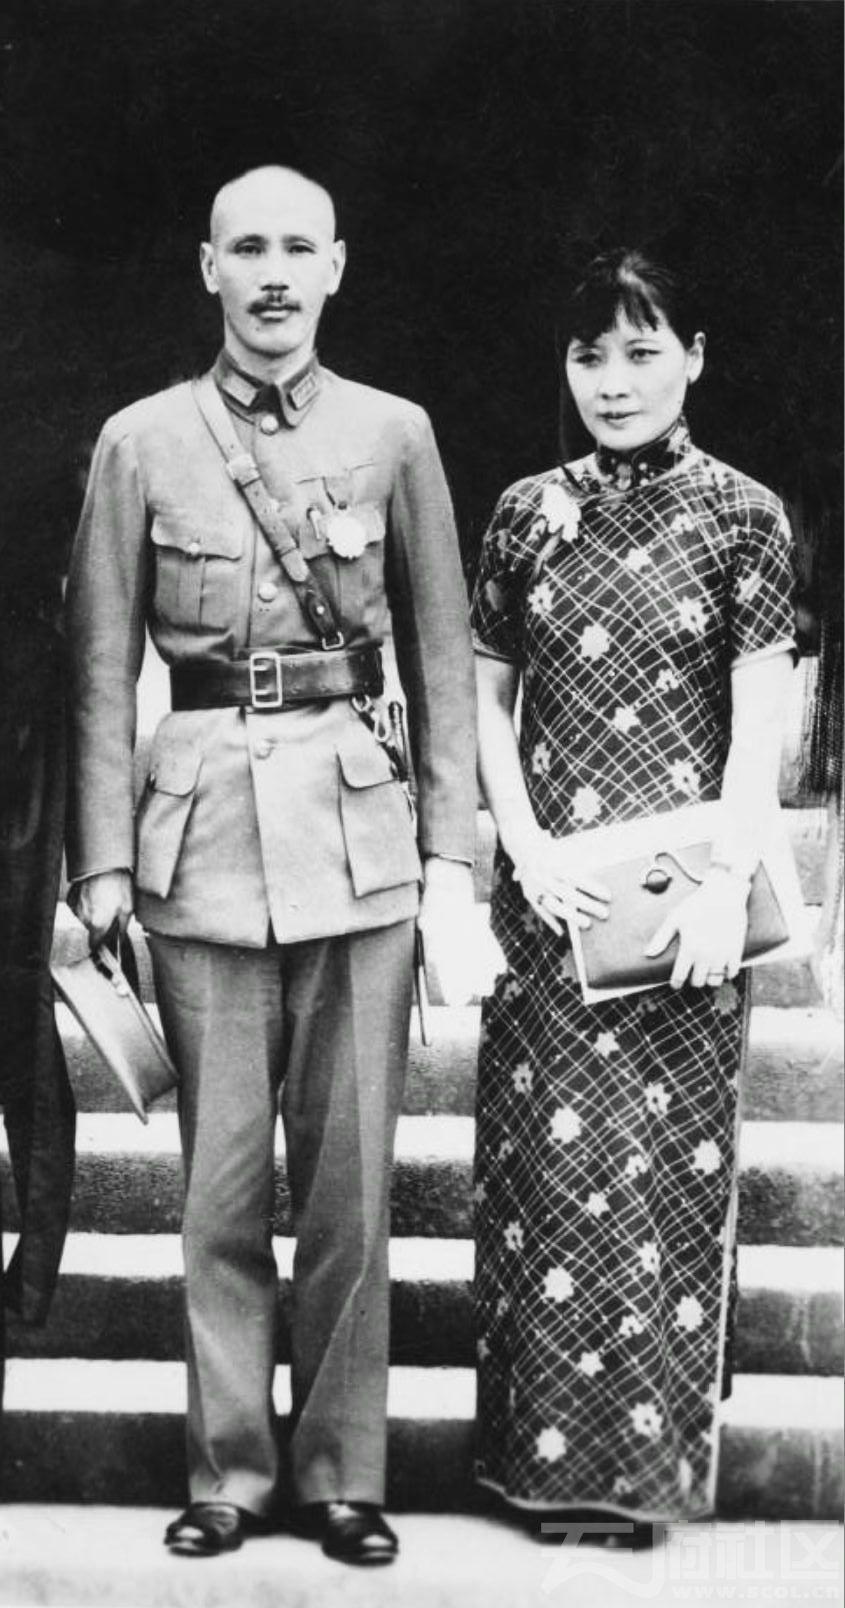 65 华西大学 蒋介石和宋美龄参加开学典礼 1935.JPG